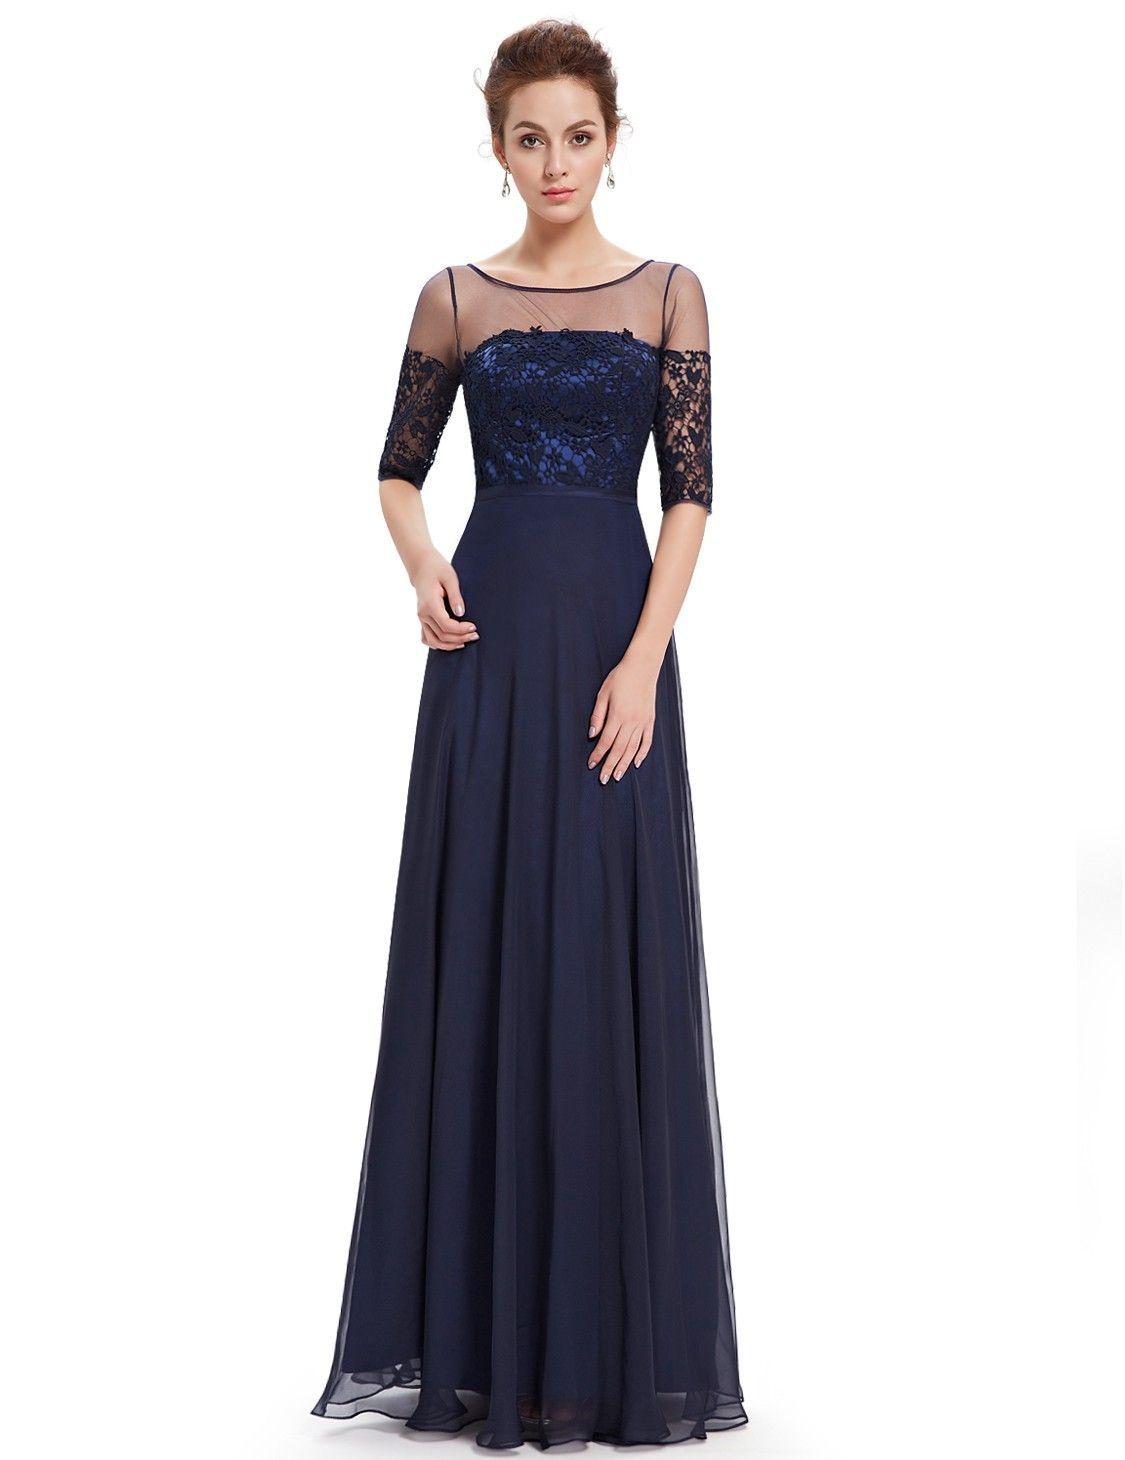 15 Luxus Elegante Kleider Knöchellang Spezialgebiet17 Einfach Elegante Kleider Knöchellang für 2019